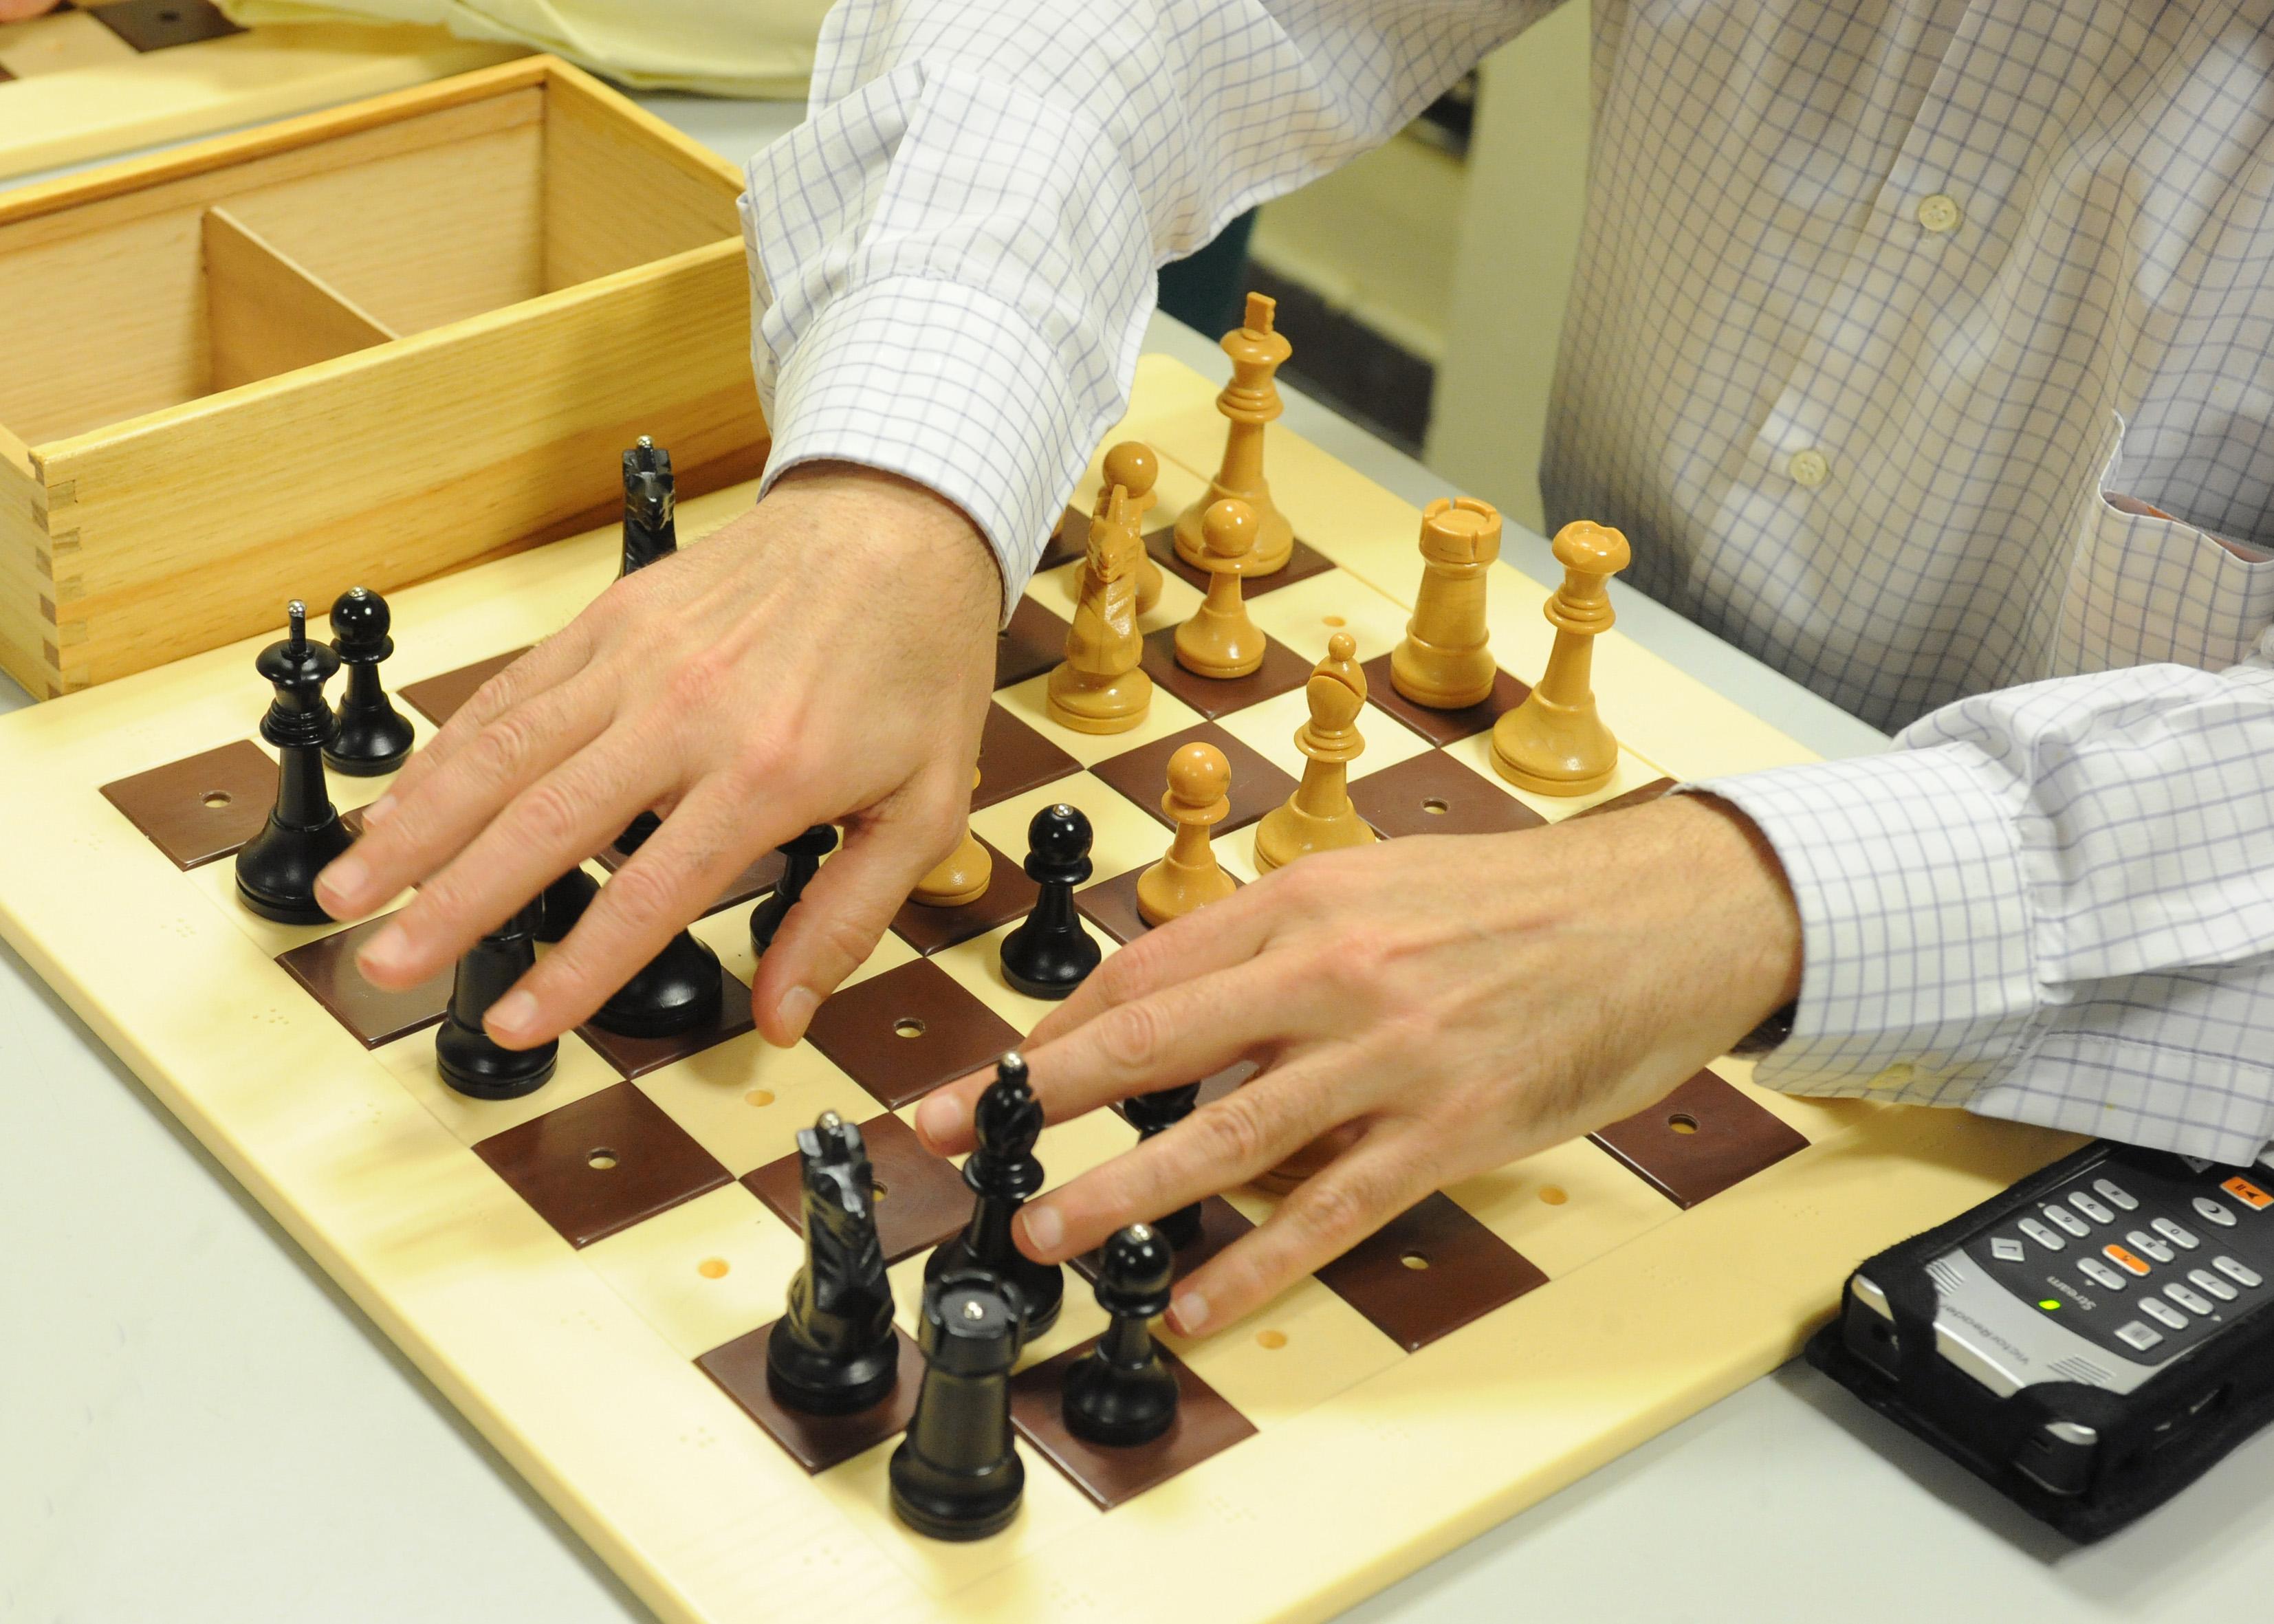 Tablero de ajedrez adaptado para personas ciegas